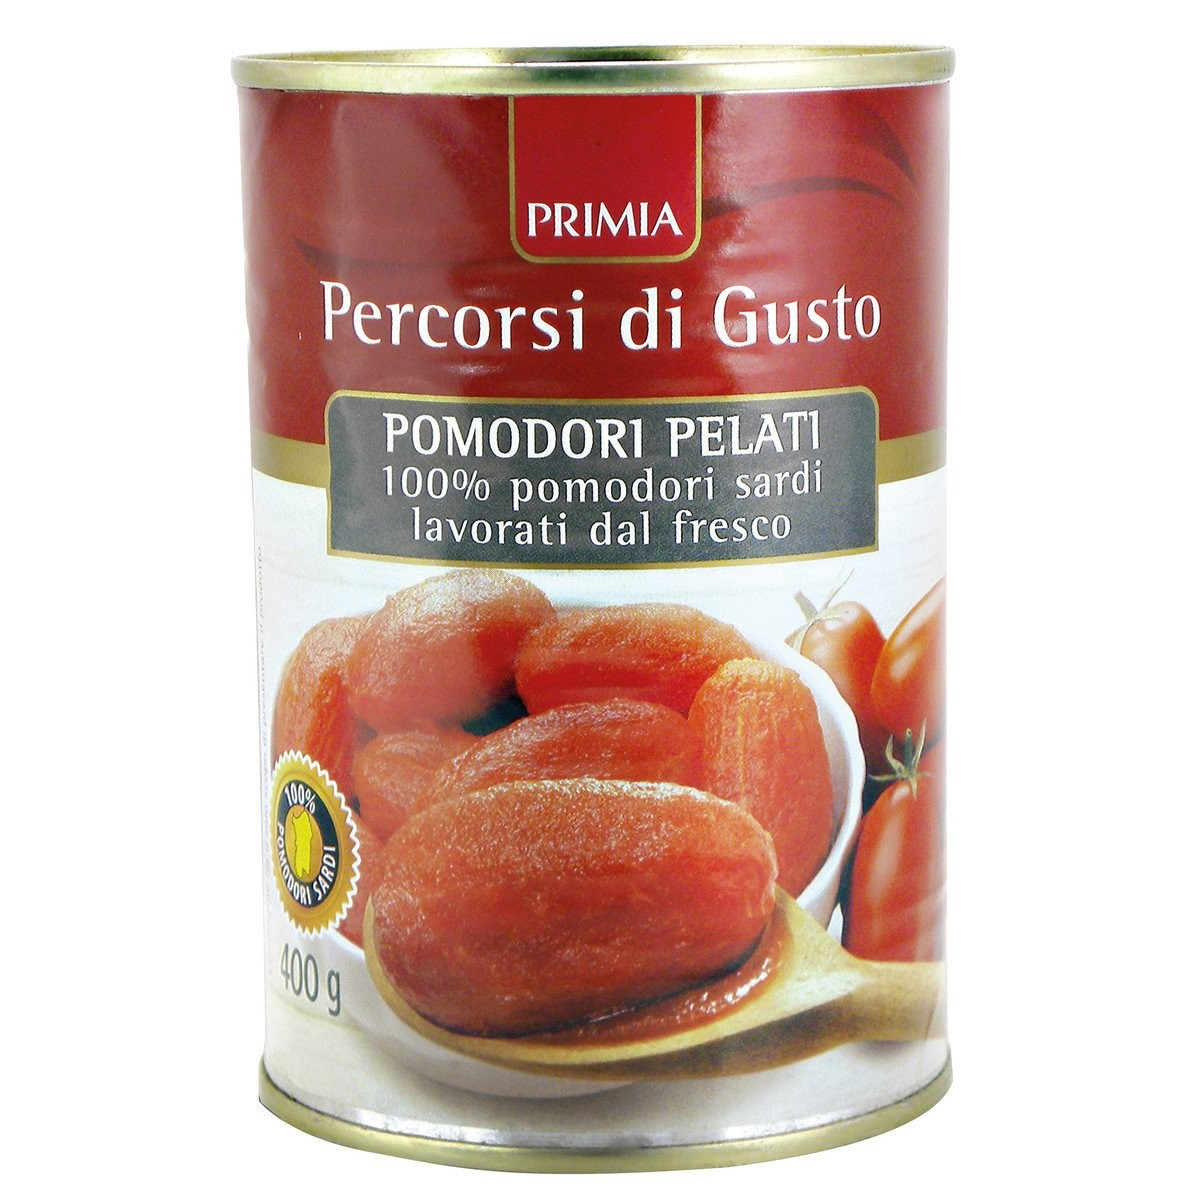 Primia Pomodori pelati Percorsi di Gusto